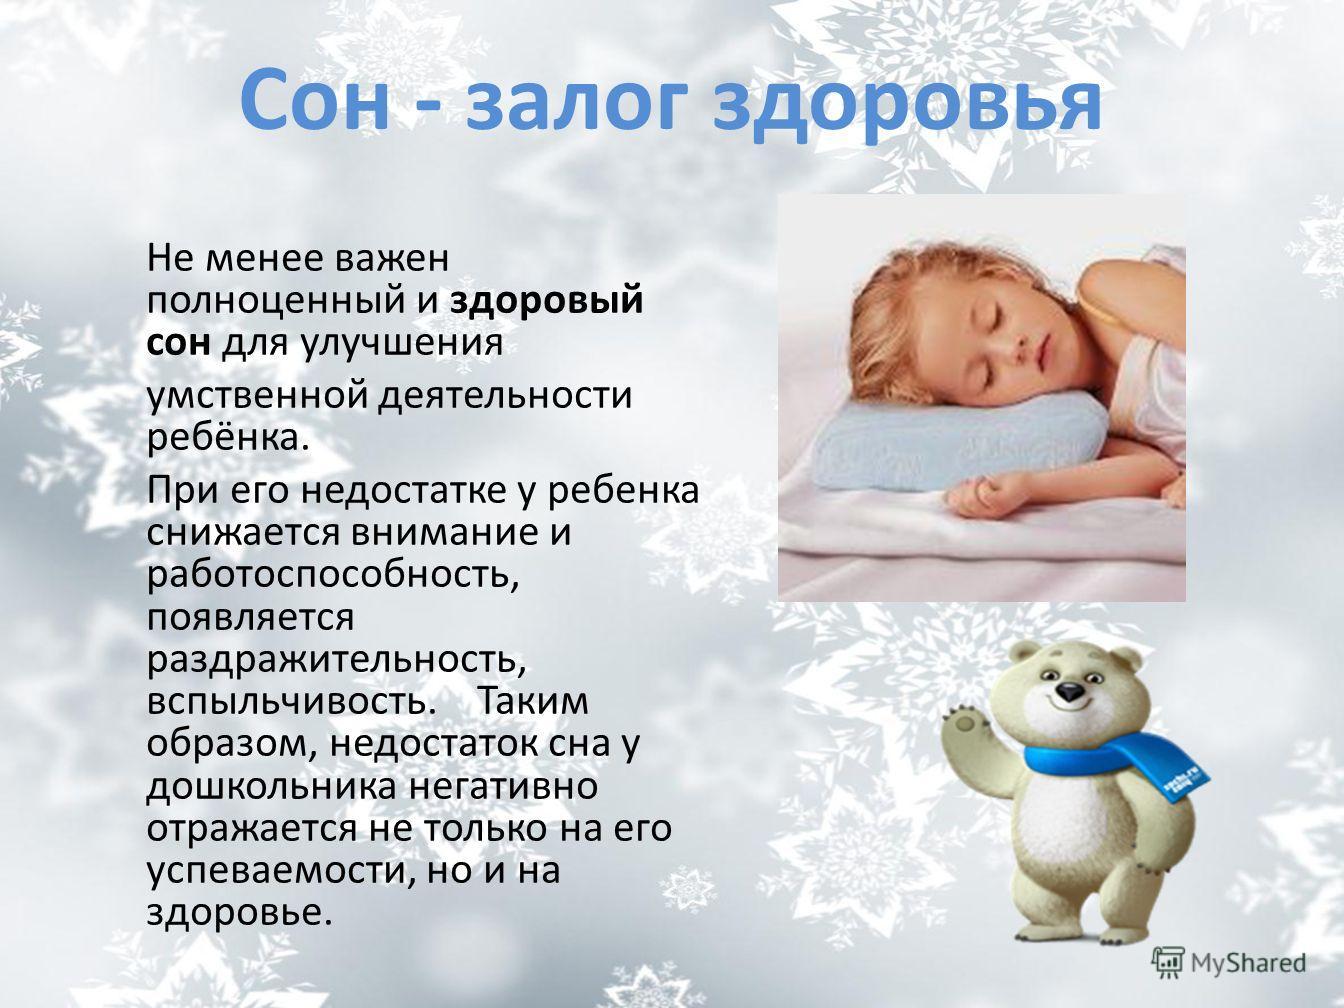 Сон - залог здоровья Не менее важен полноценный и здоровый сон для улучшения умственной деятельности ребёнка. При его недостатке у ребенка снижается внимание и работоспособность, появляется раздражительность, вспыльчивость. Таким образом, недостаток